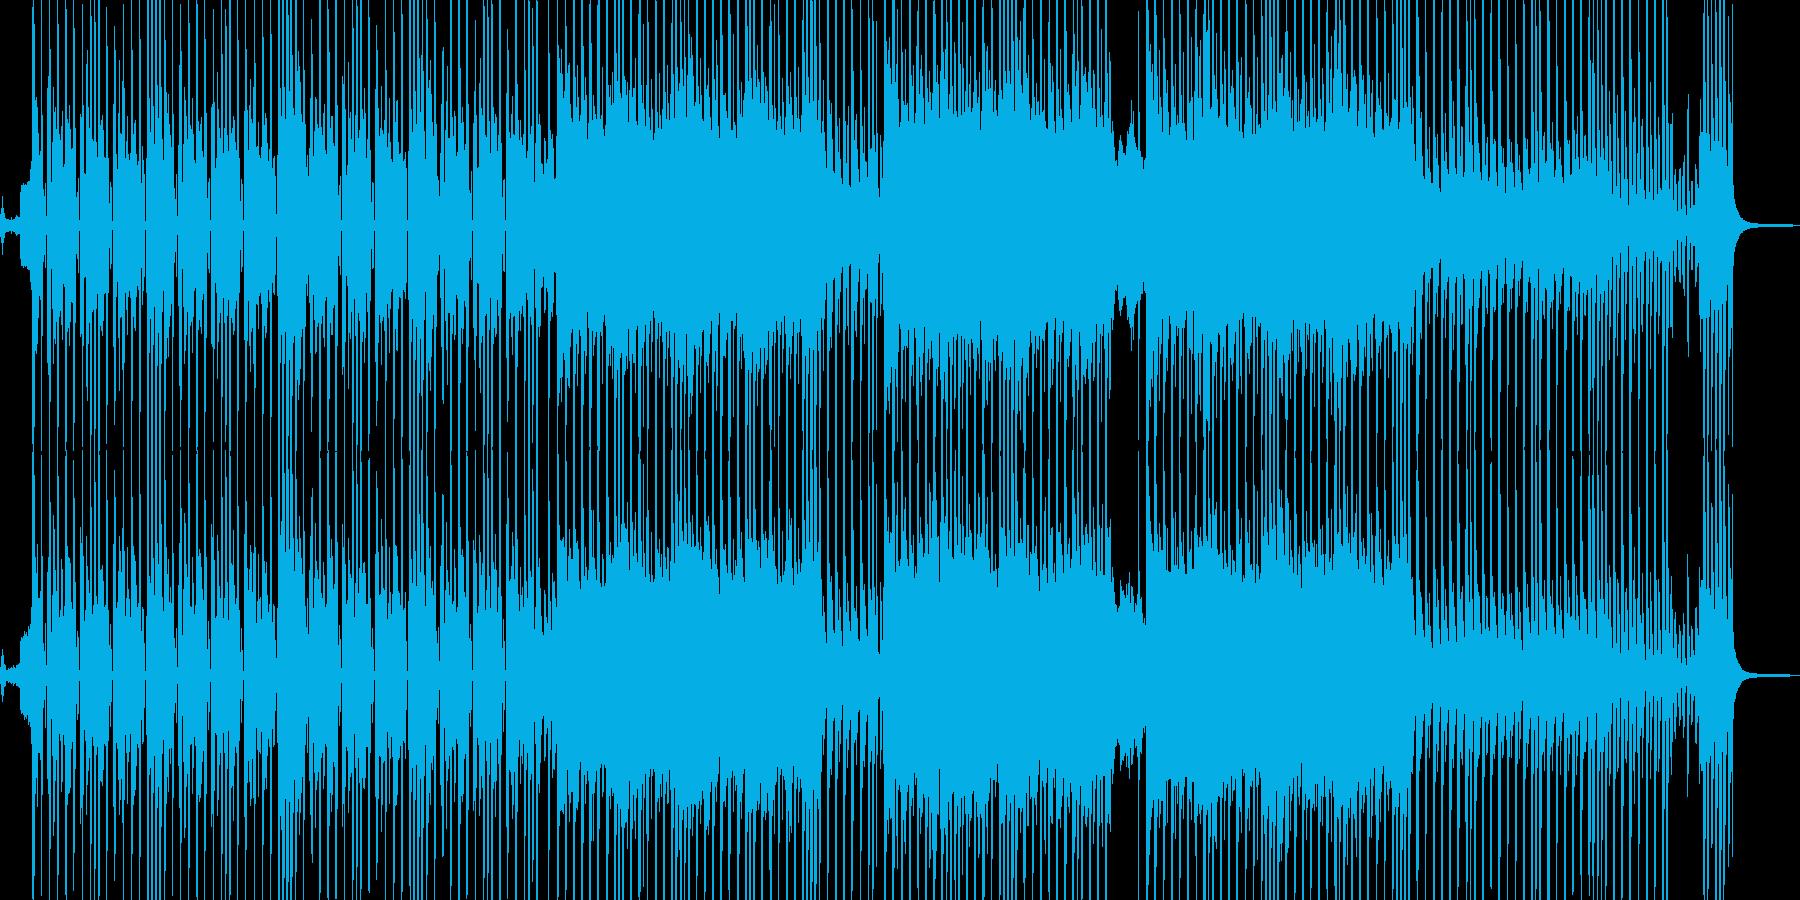 ビターエンドがテーマのスロウテクノ 短尺の再生済みの波形